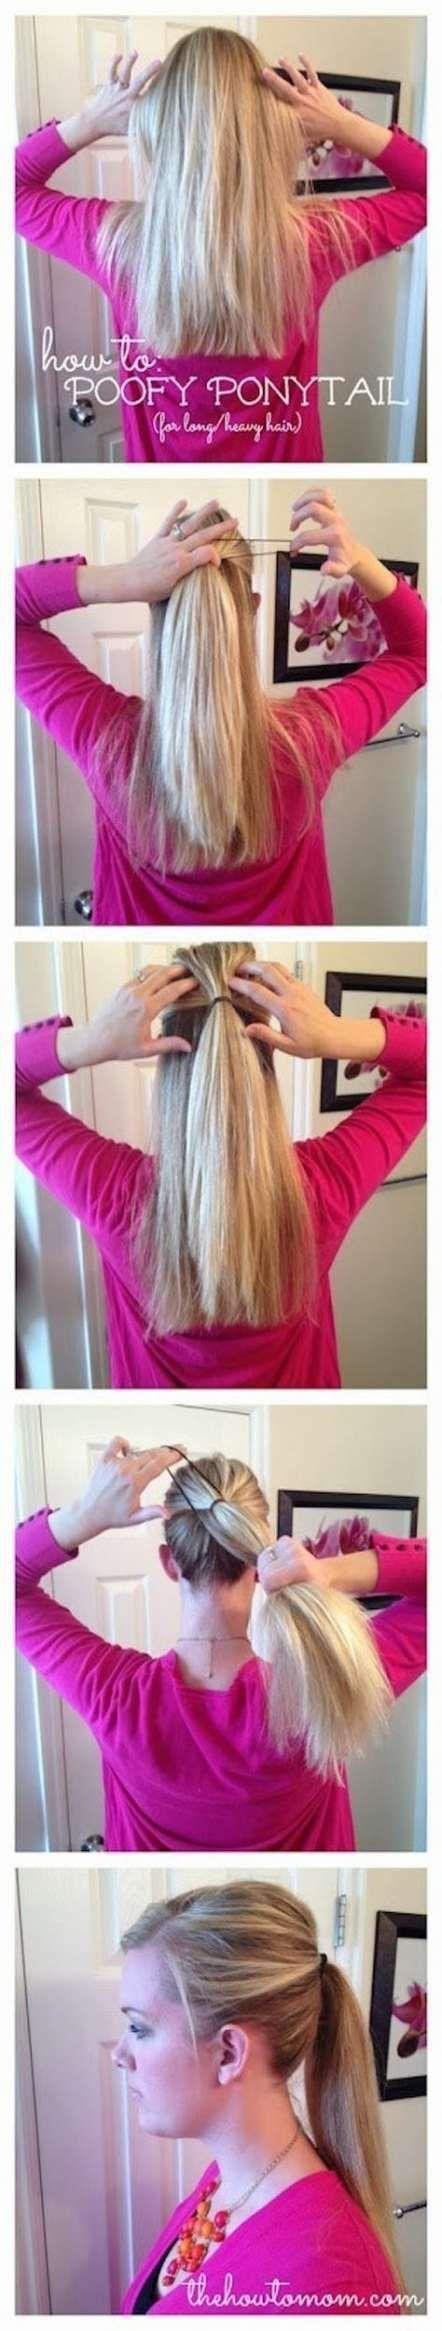 46 Ideen Frisuren Einfach Schnell Morgen Einfach Haar Dos Für 2019